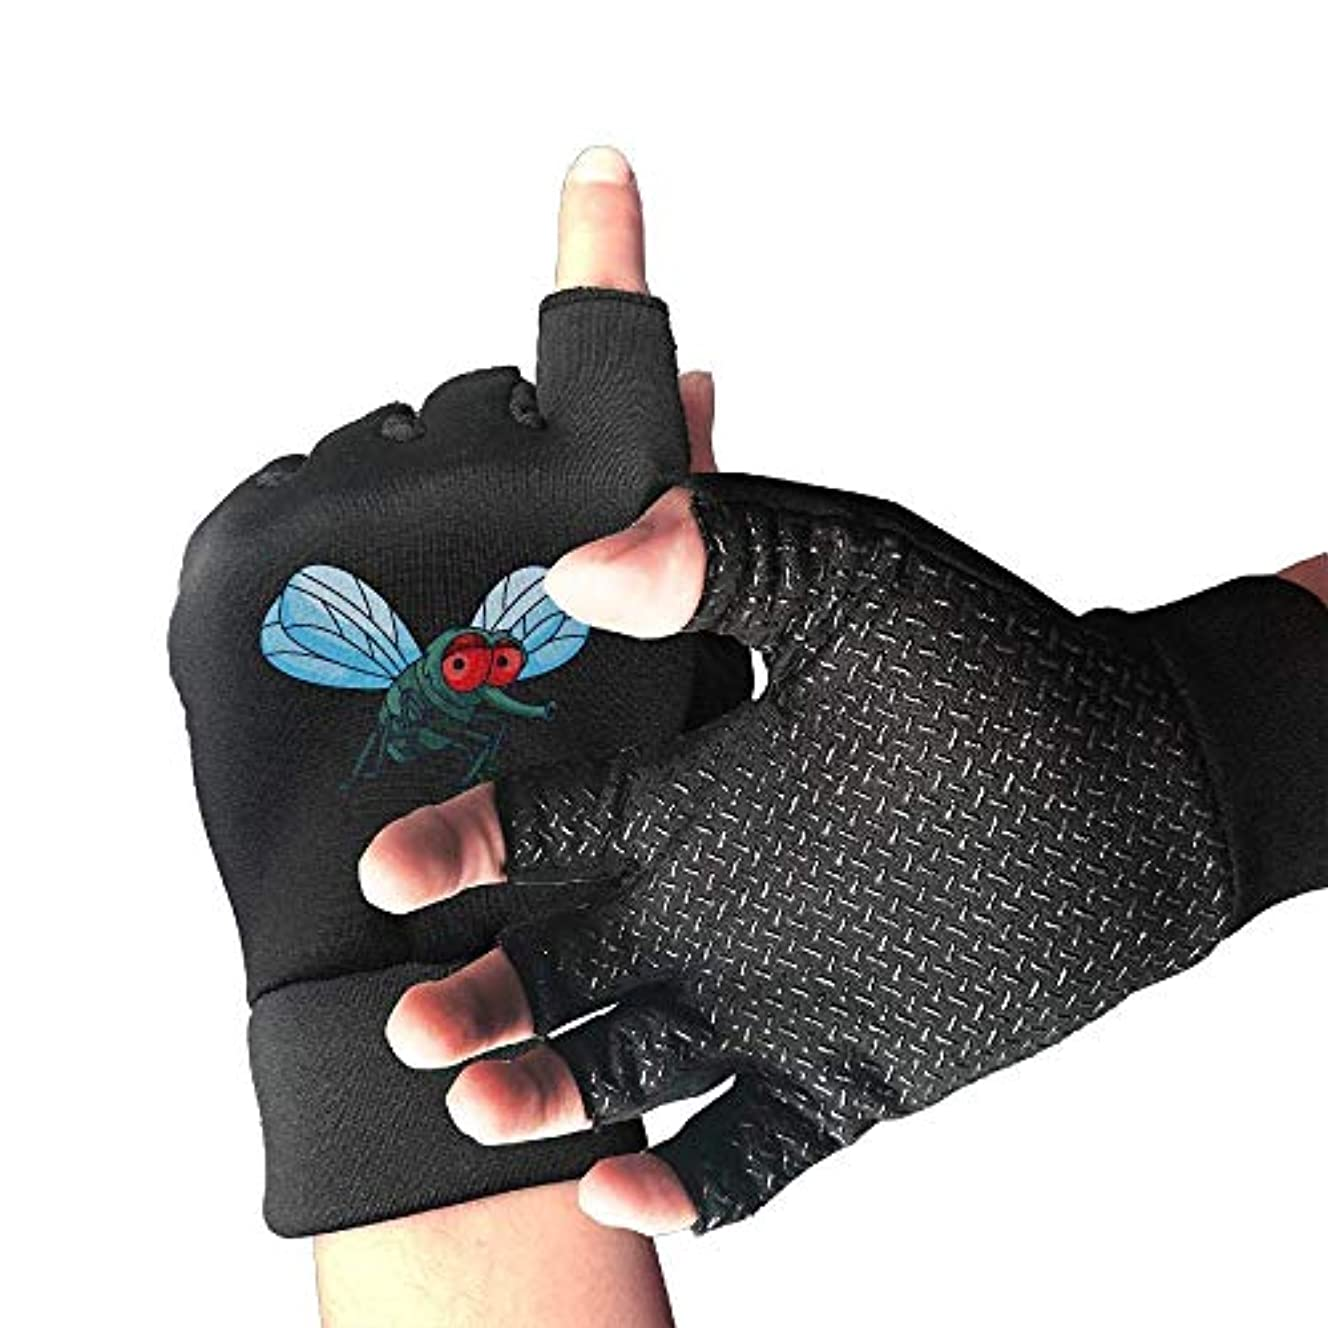 フィクションいつライセンスCycling Gloves Mosquito with Red Eyes Men's/Women's Mountain Bike Gloves Half Finger Anti-Slip Motorcycle Gloves